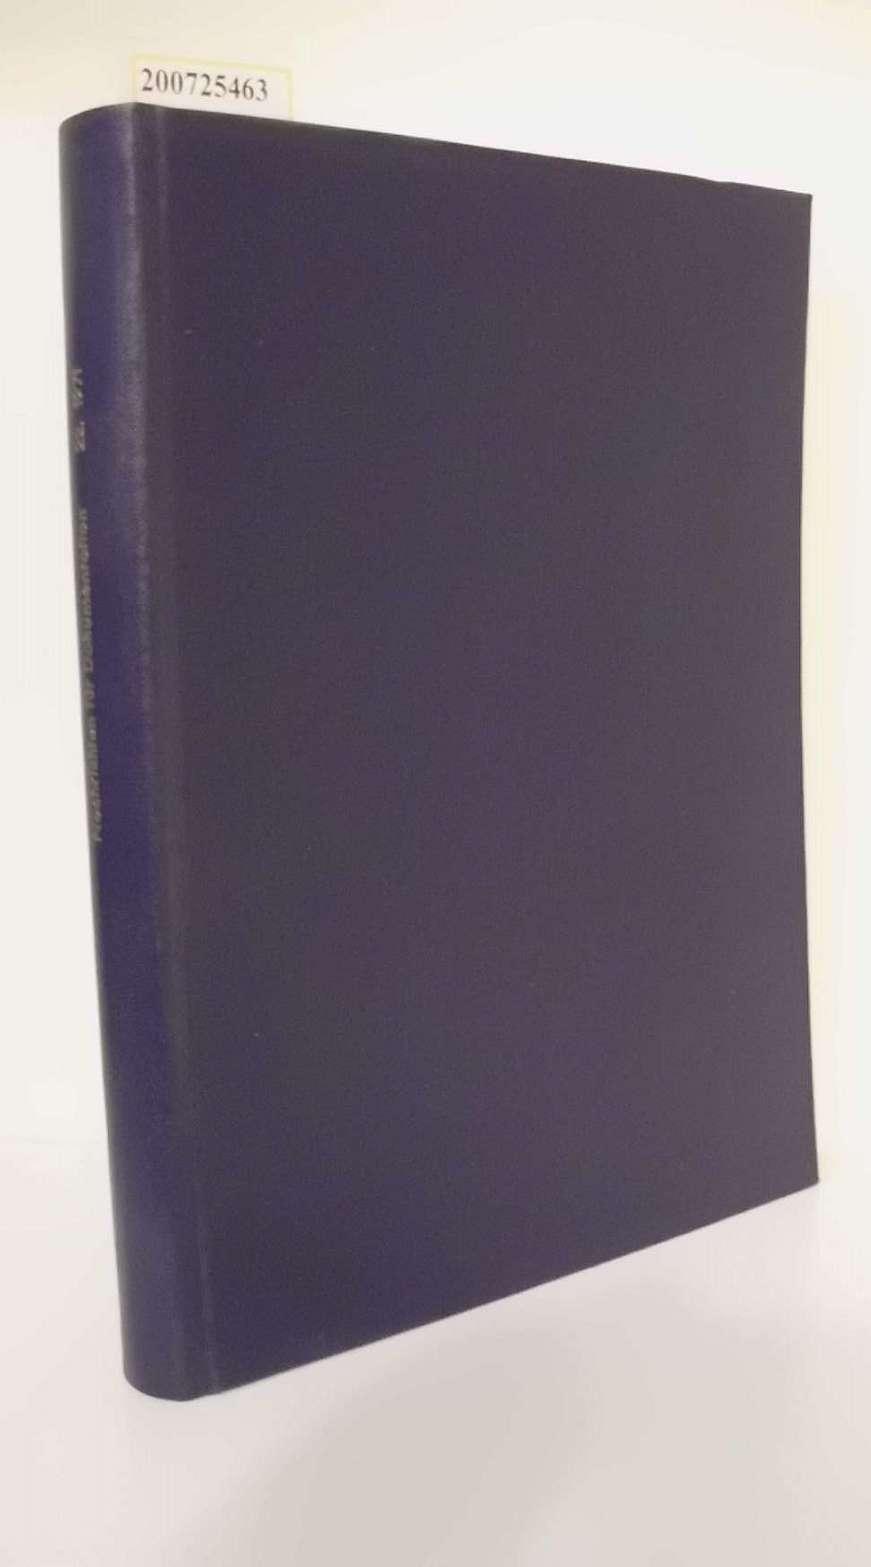 Nachrichten für Dokumentation herausgegeben von der Deutschen Gesellschaft für Dokumentation e. V. , 22.Jahrgang 1971 Zweimonatszeitschrift für Forschung und Praxis der Dokumentation